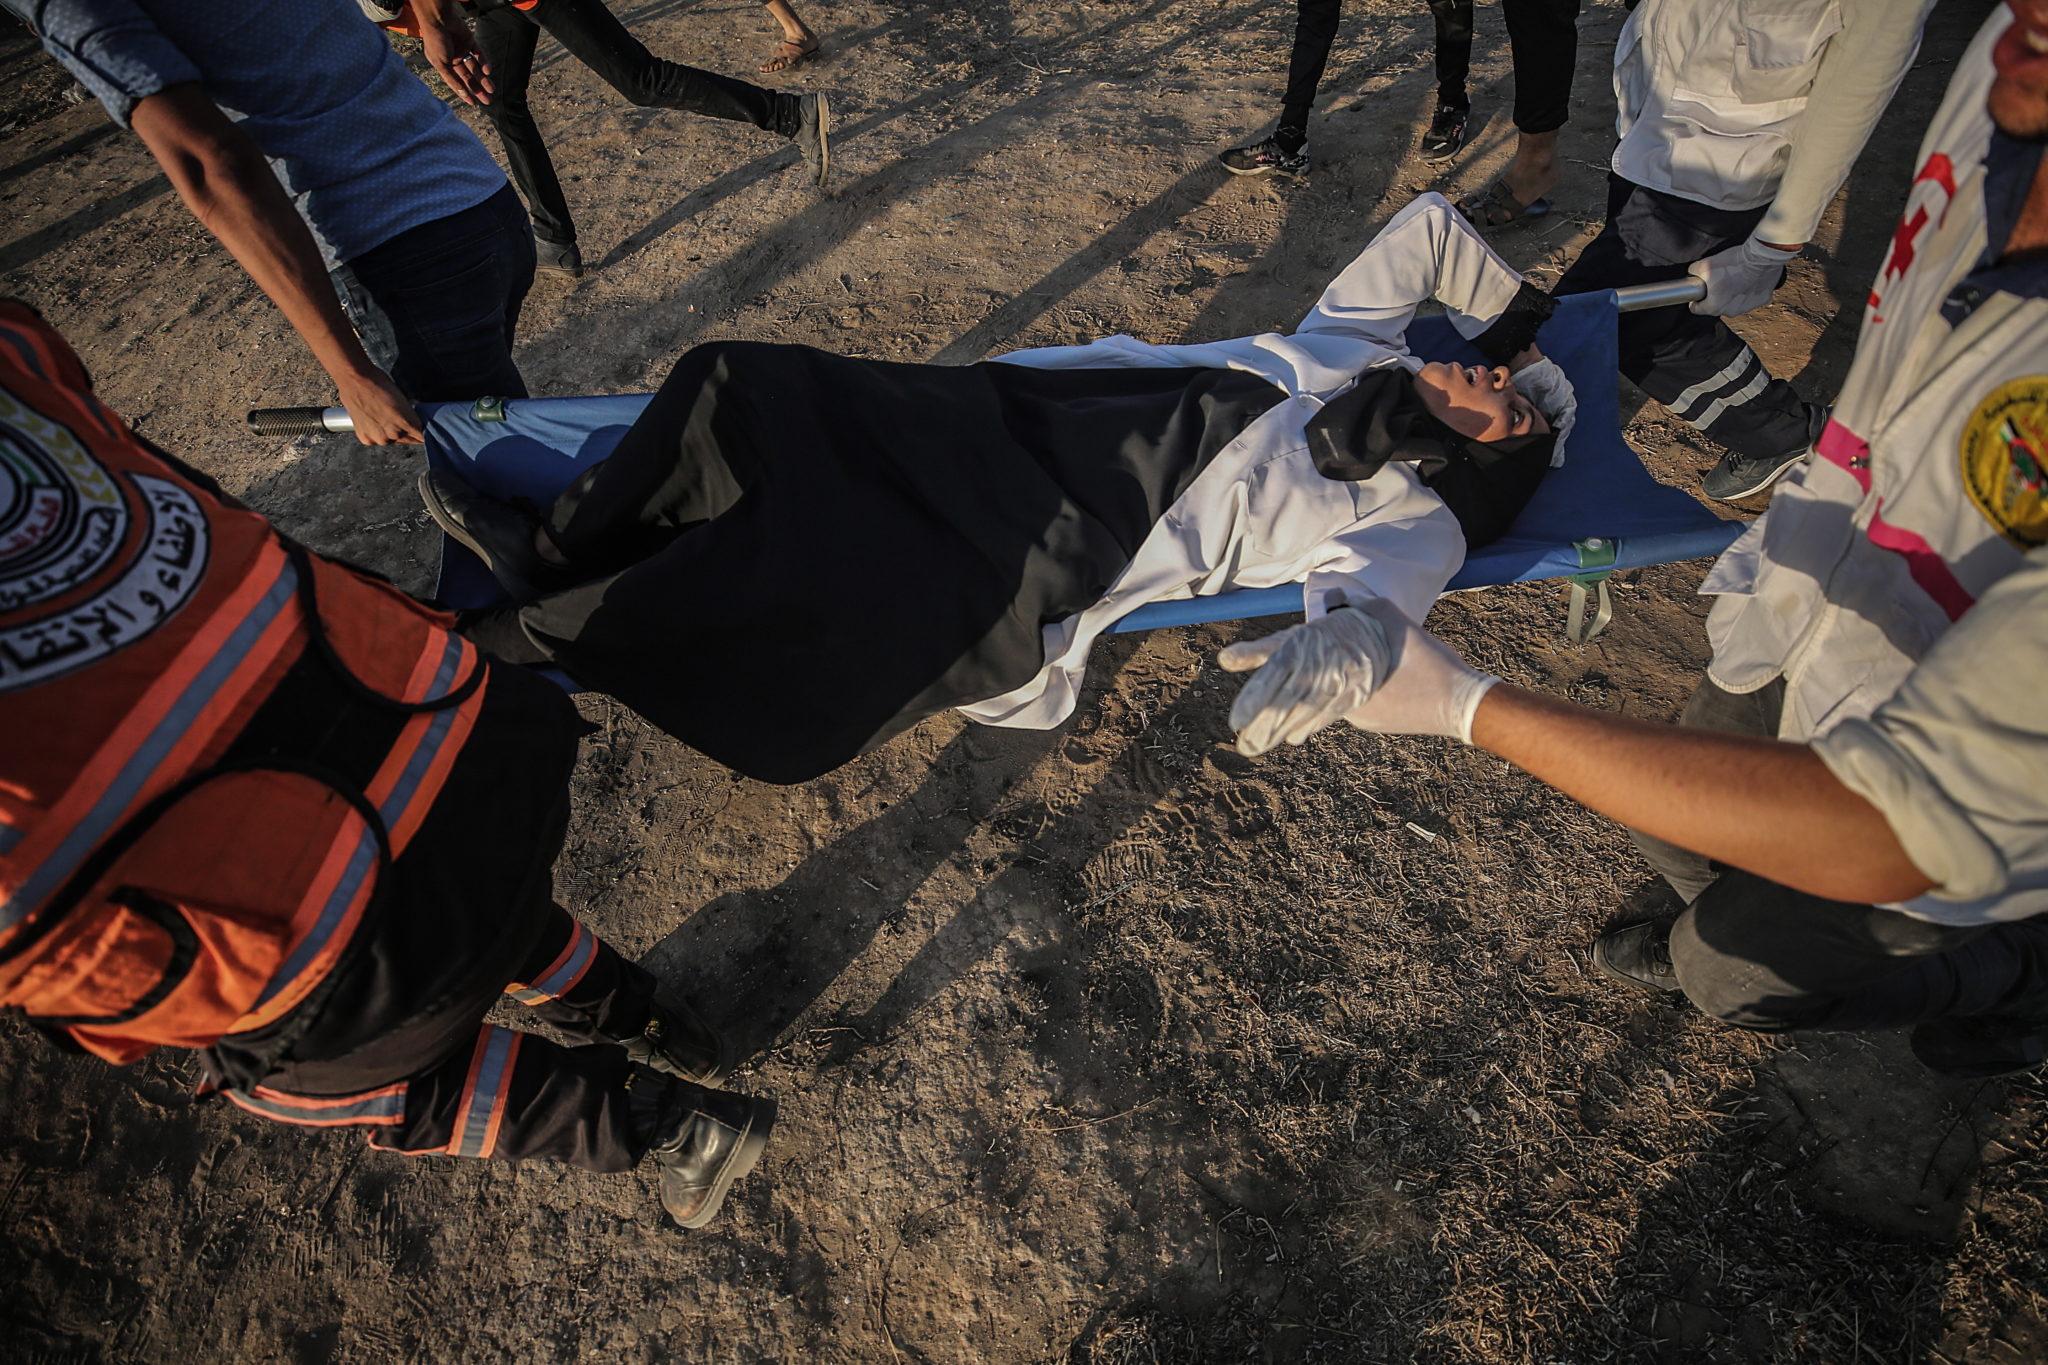 Palestyńska kobieta ranna podczas zamieszek w strefie Gazy. fot. EPA/MOHAMMED SABER